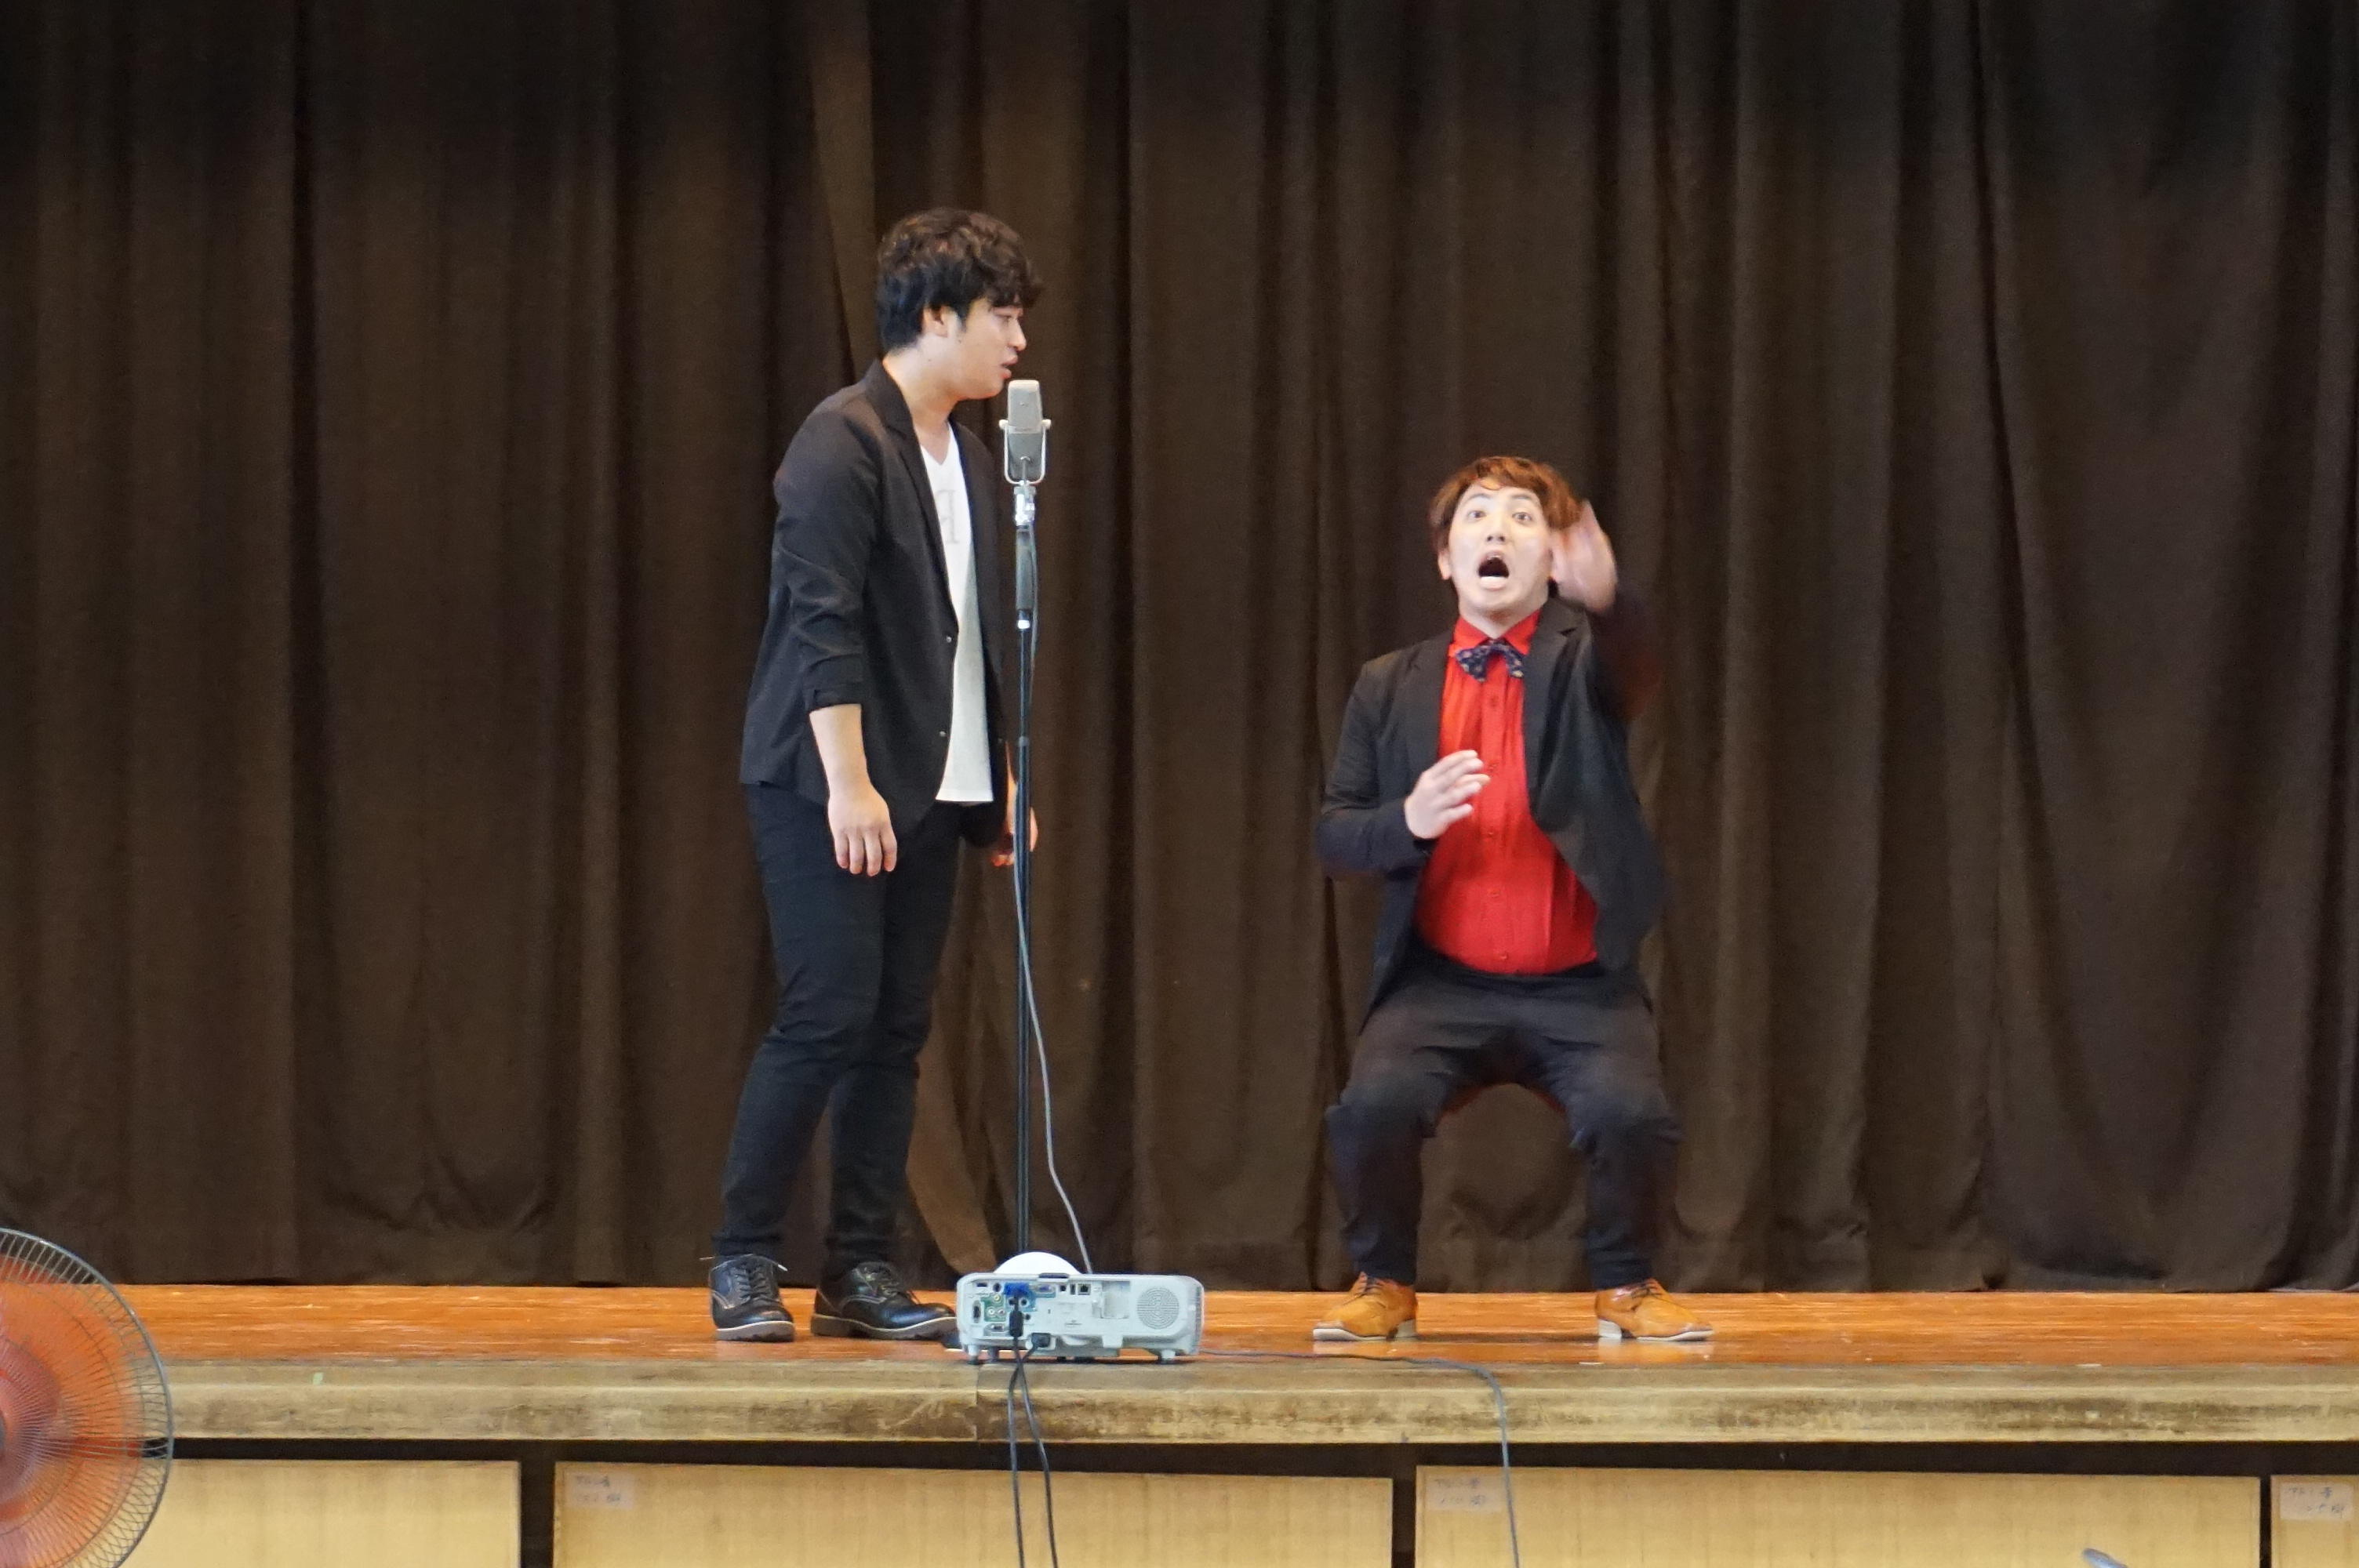 http://news.yoshimoto.co.jp/20170912124718-b17419260b9e6523a6d67eaec6bea97c5a8fa0cf.jpg